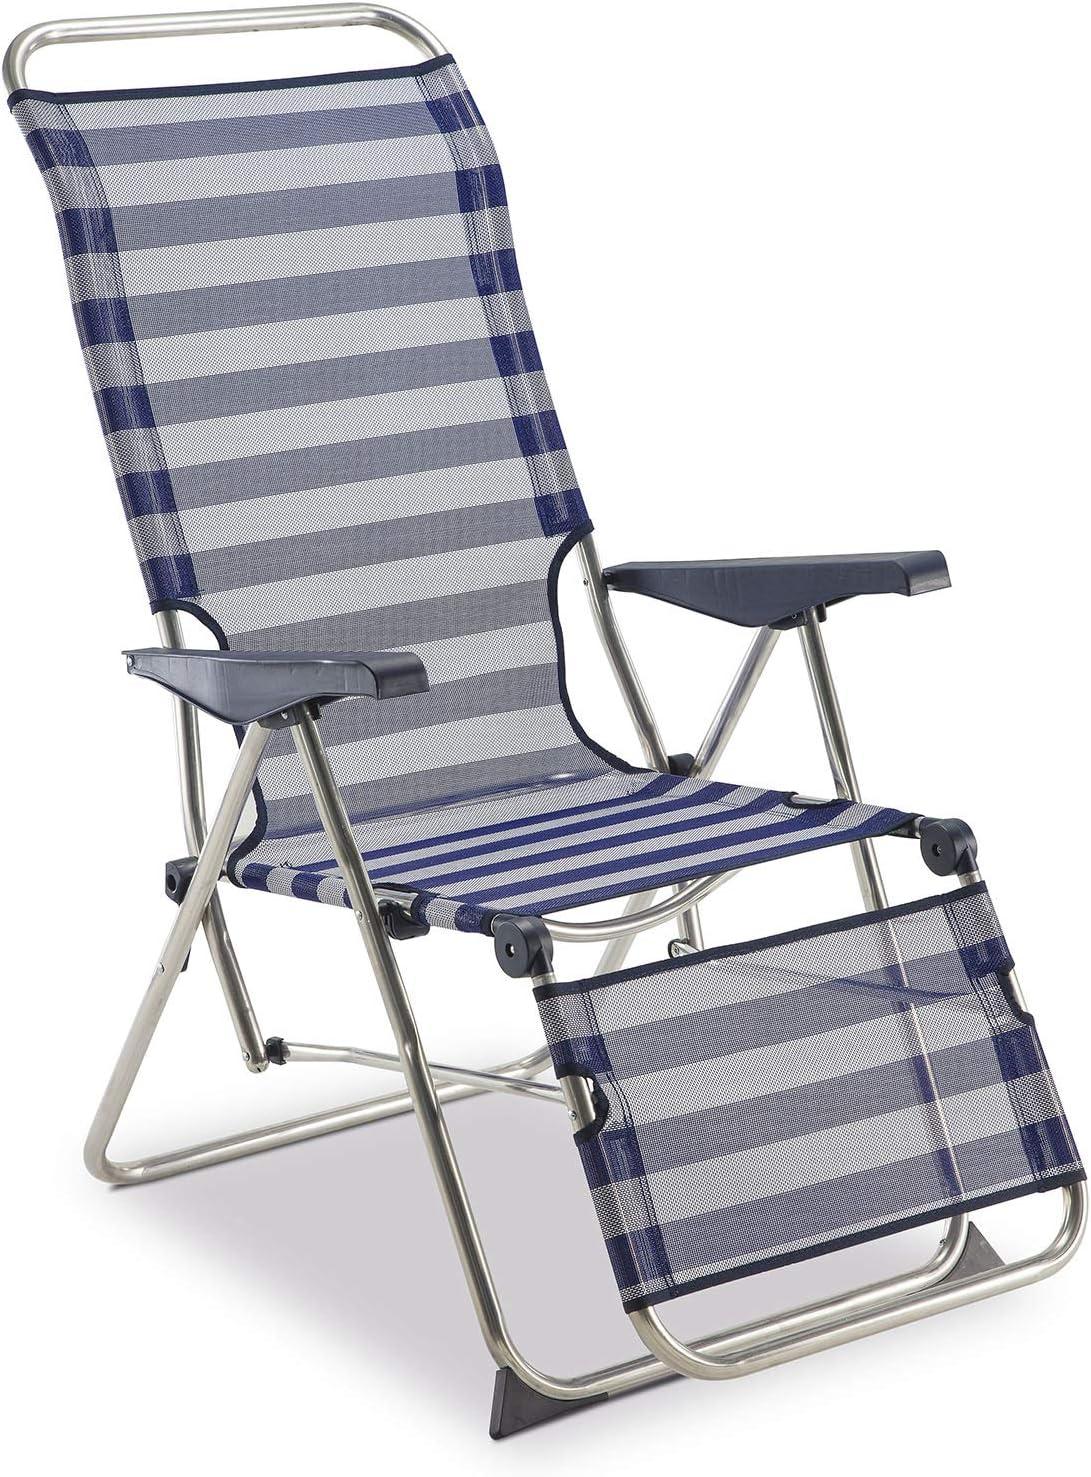 Solenny 50001072735205 - Tumbona Relax 5 Posciones con Respaldo Anatómico Azul y Blanco